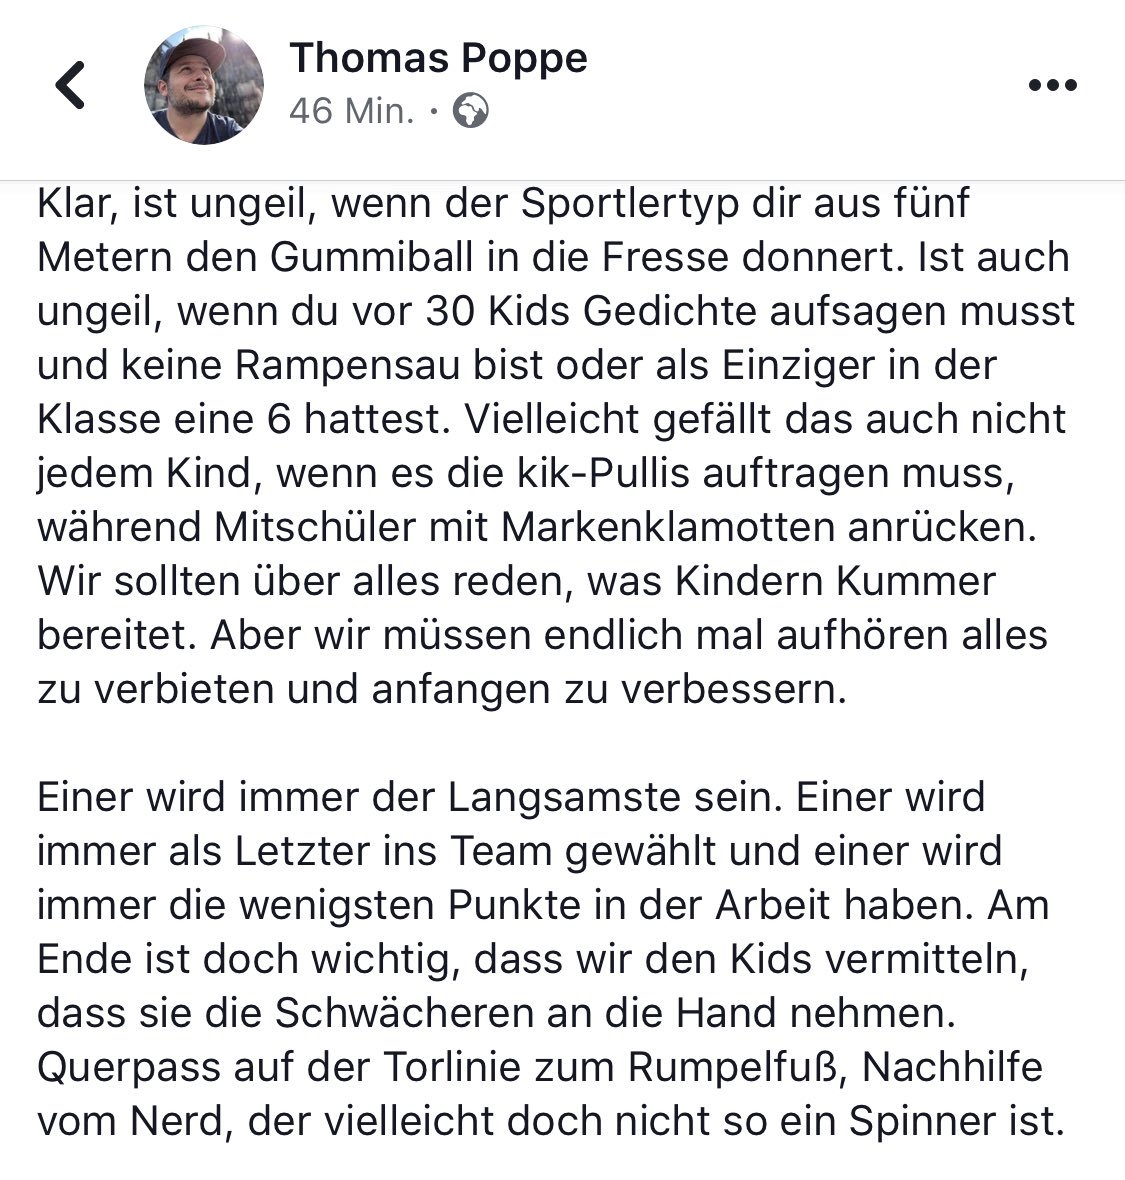 RT @DerPoppe: Meine paar Cent zum Thema #Völkerball. https://t.co/zBQhb3LW0v